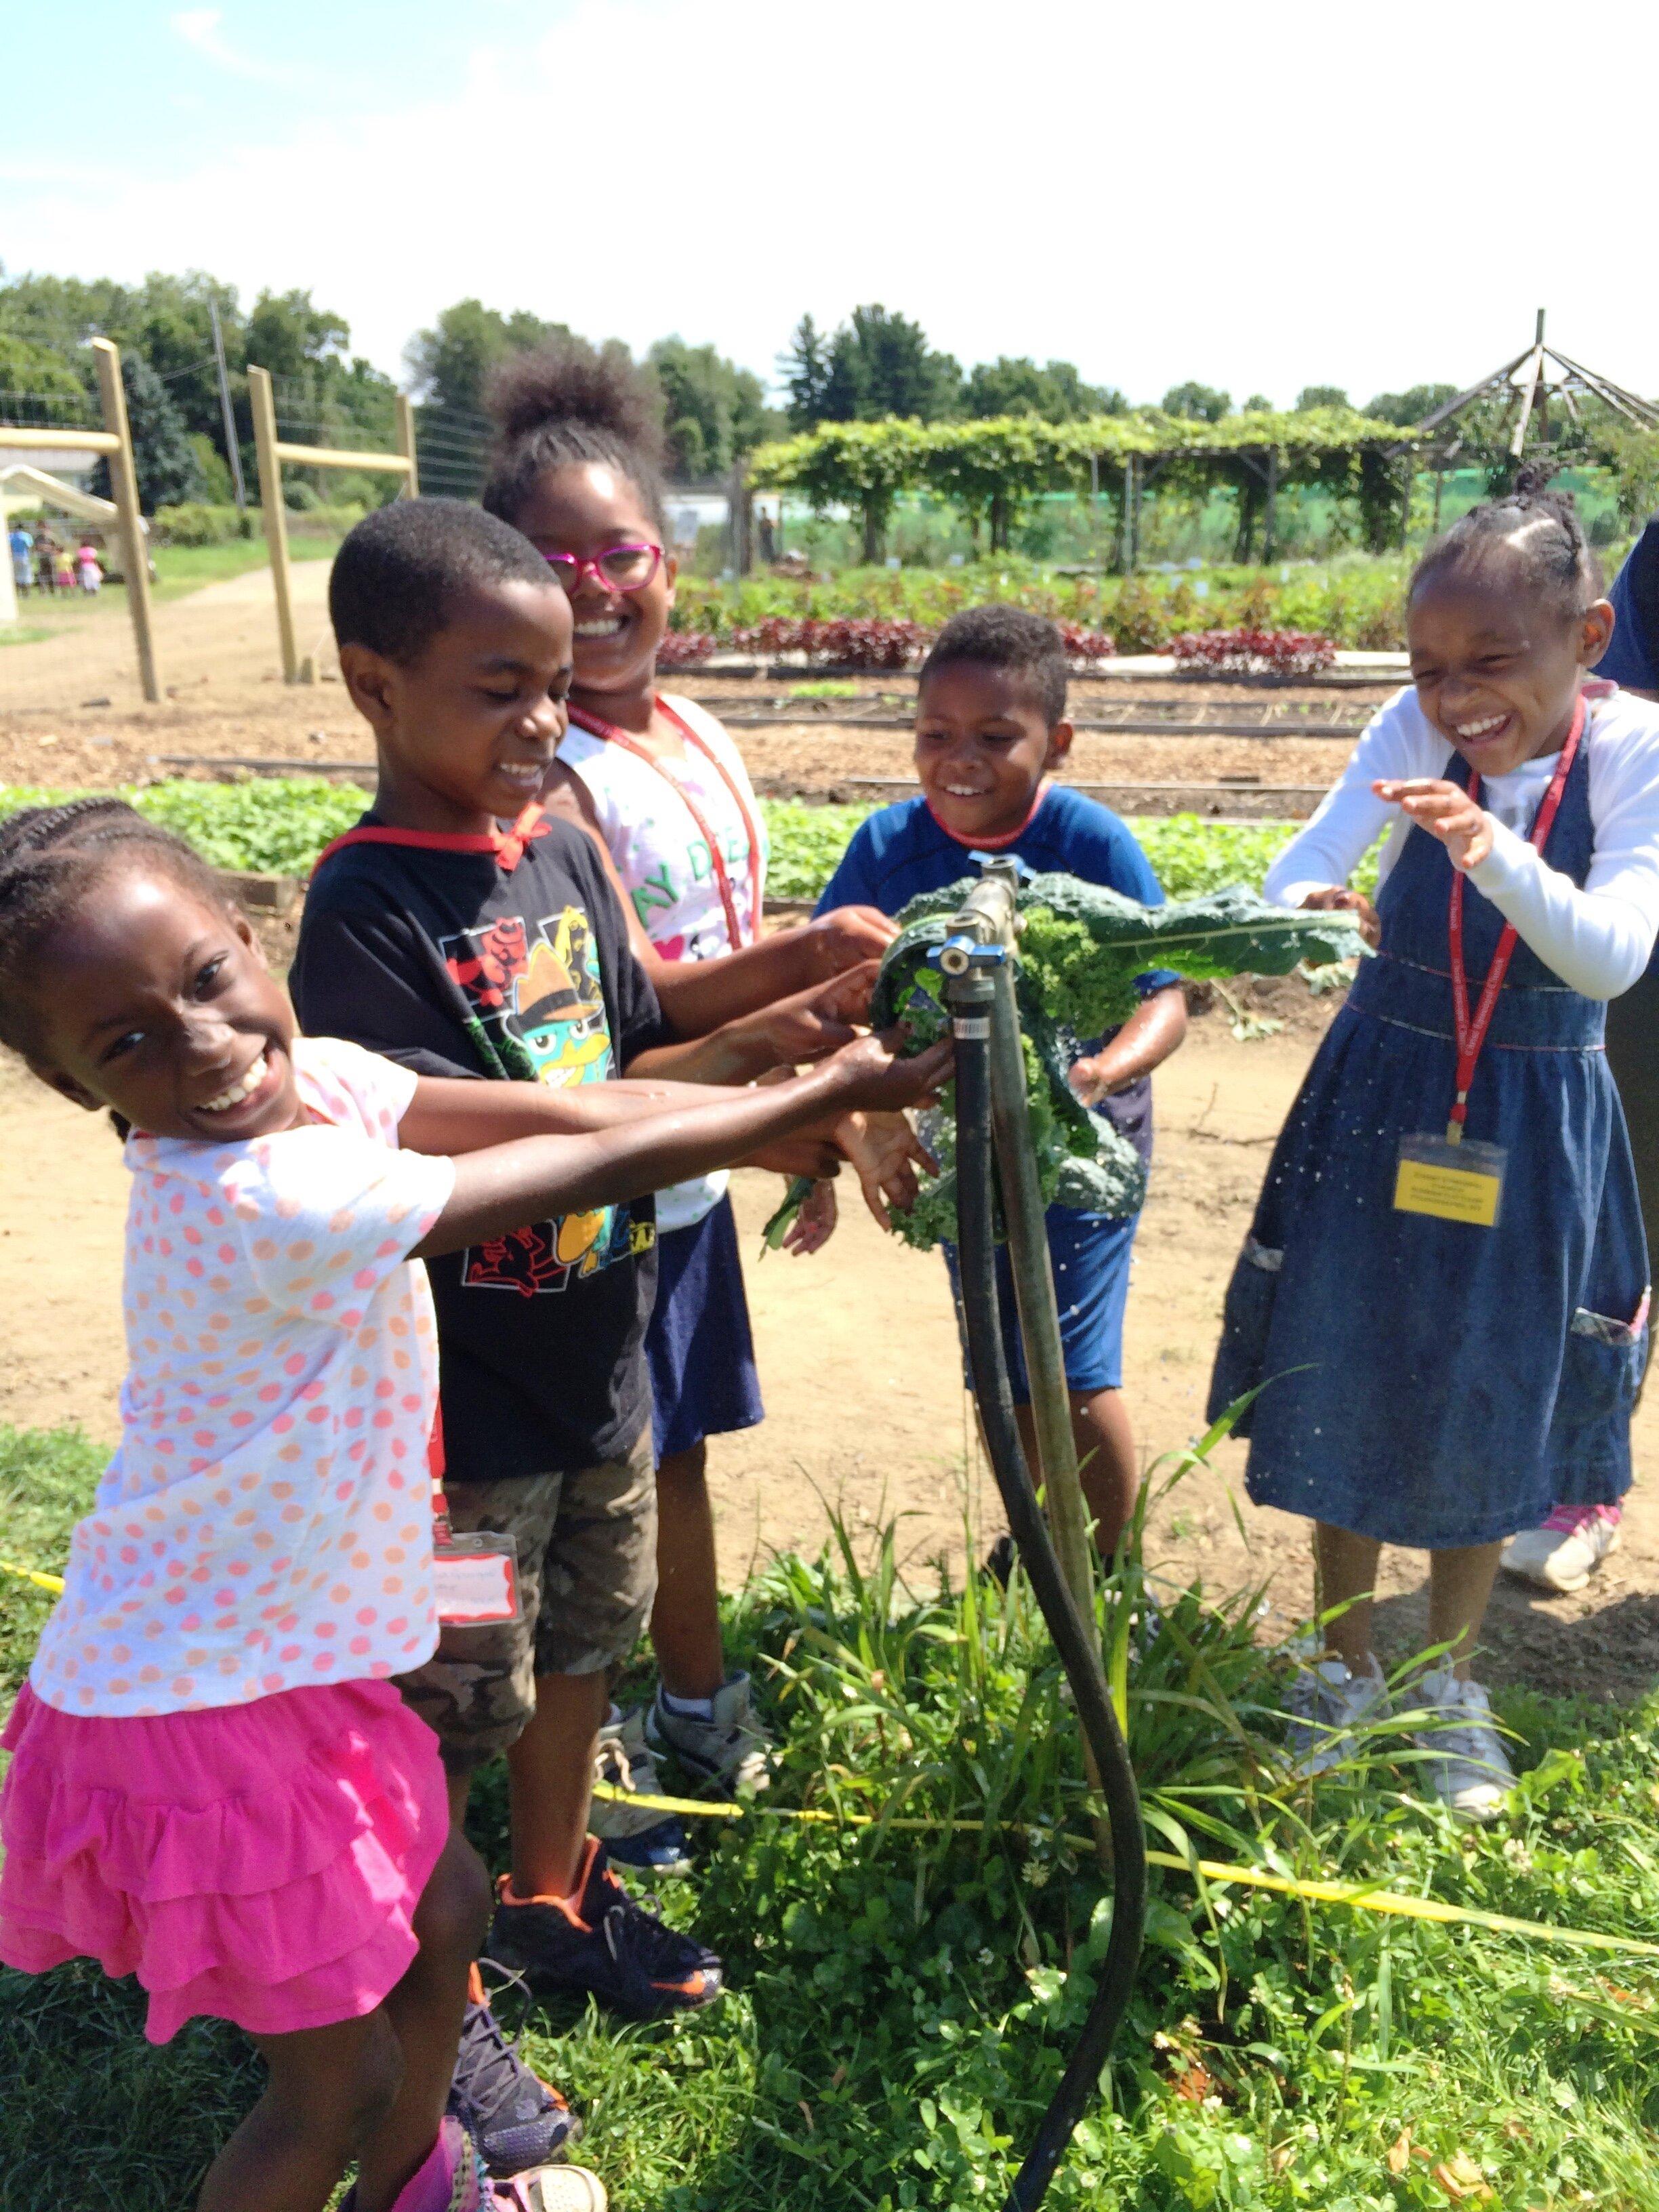 Kids Washing Kale